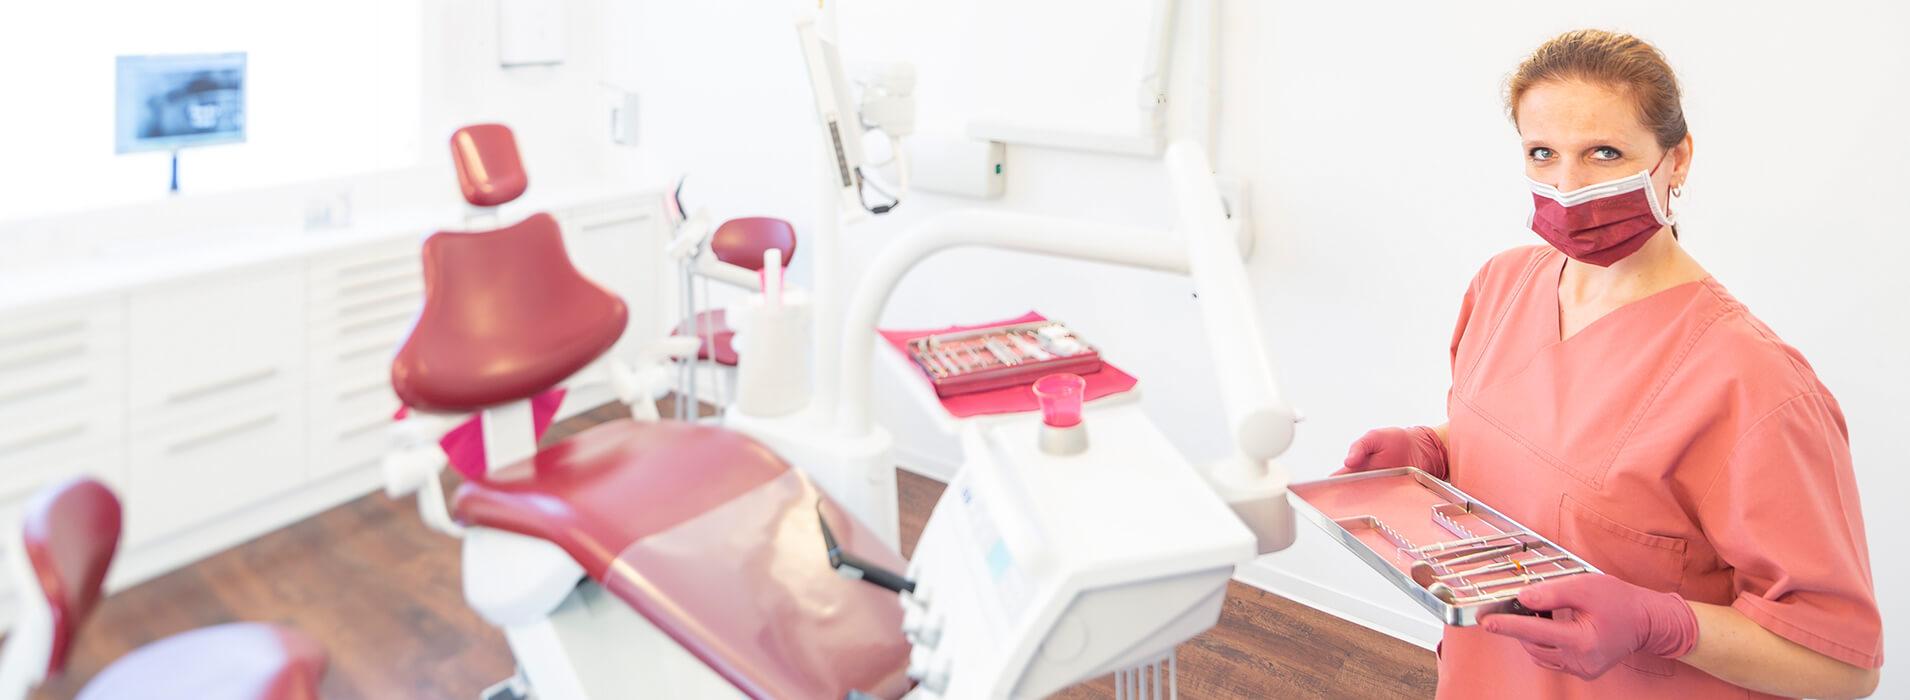 Zahnarztpraxis Mülheim an der Ruhr - Zahnärzte Kaisertraße Bild 4